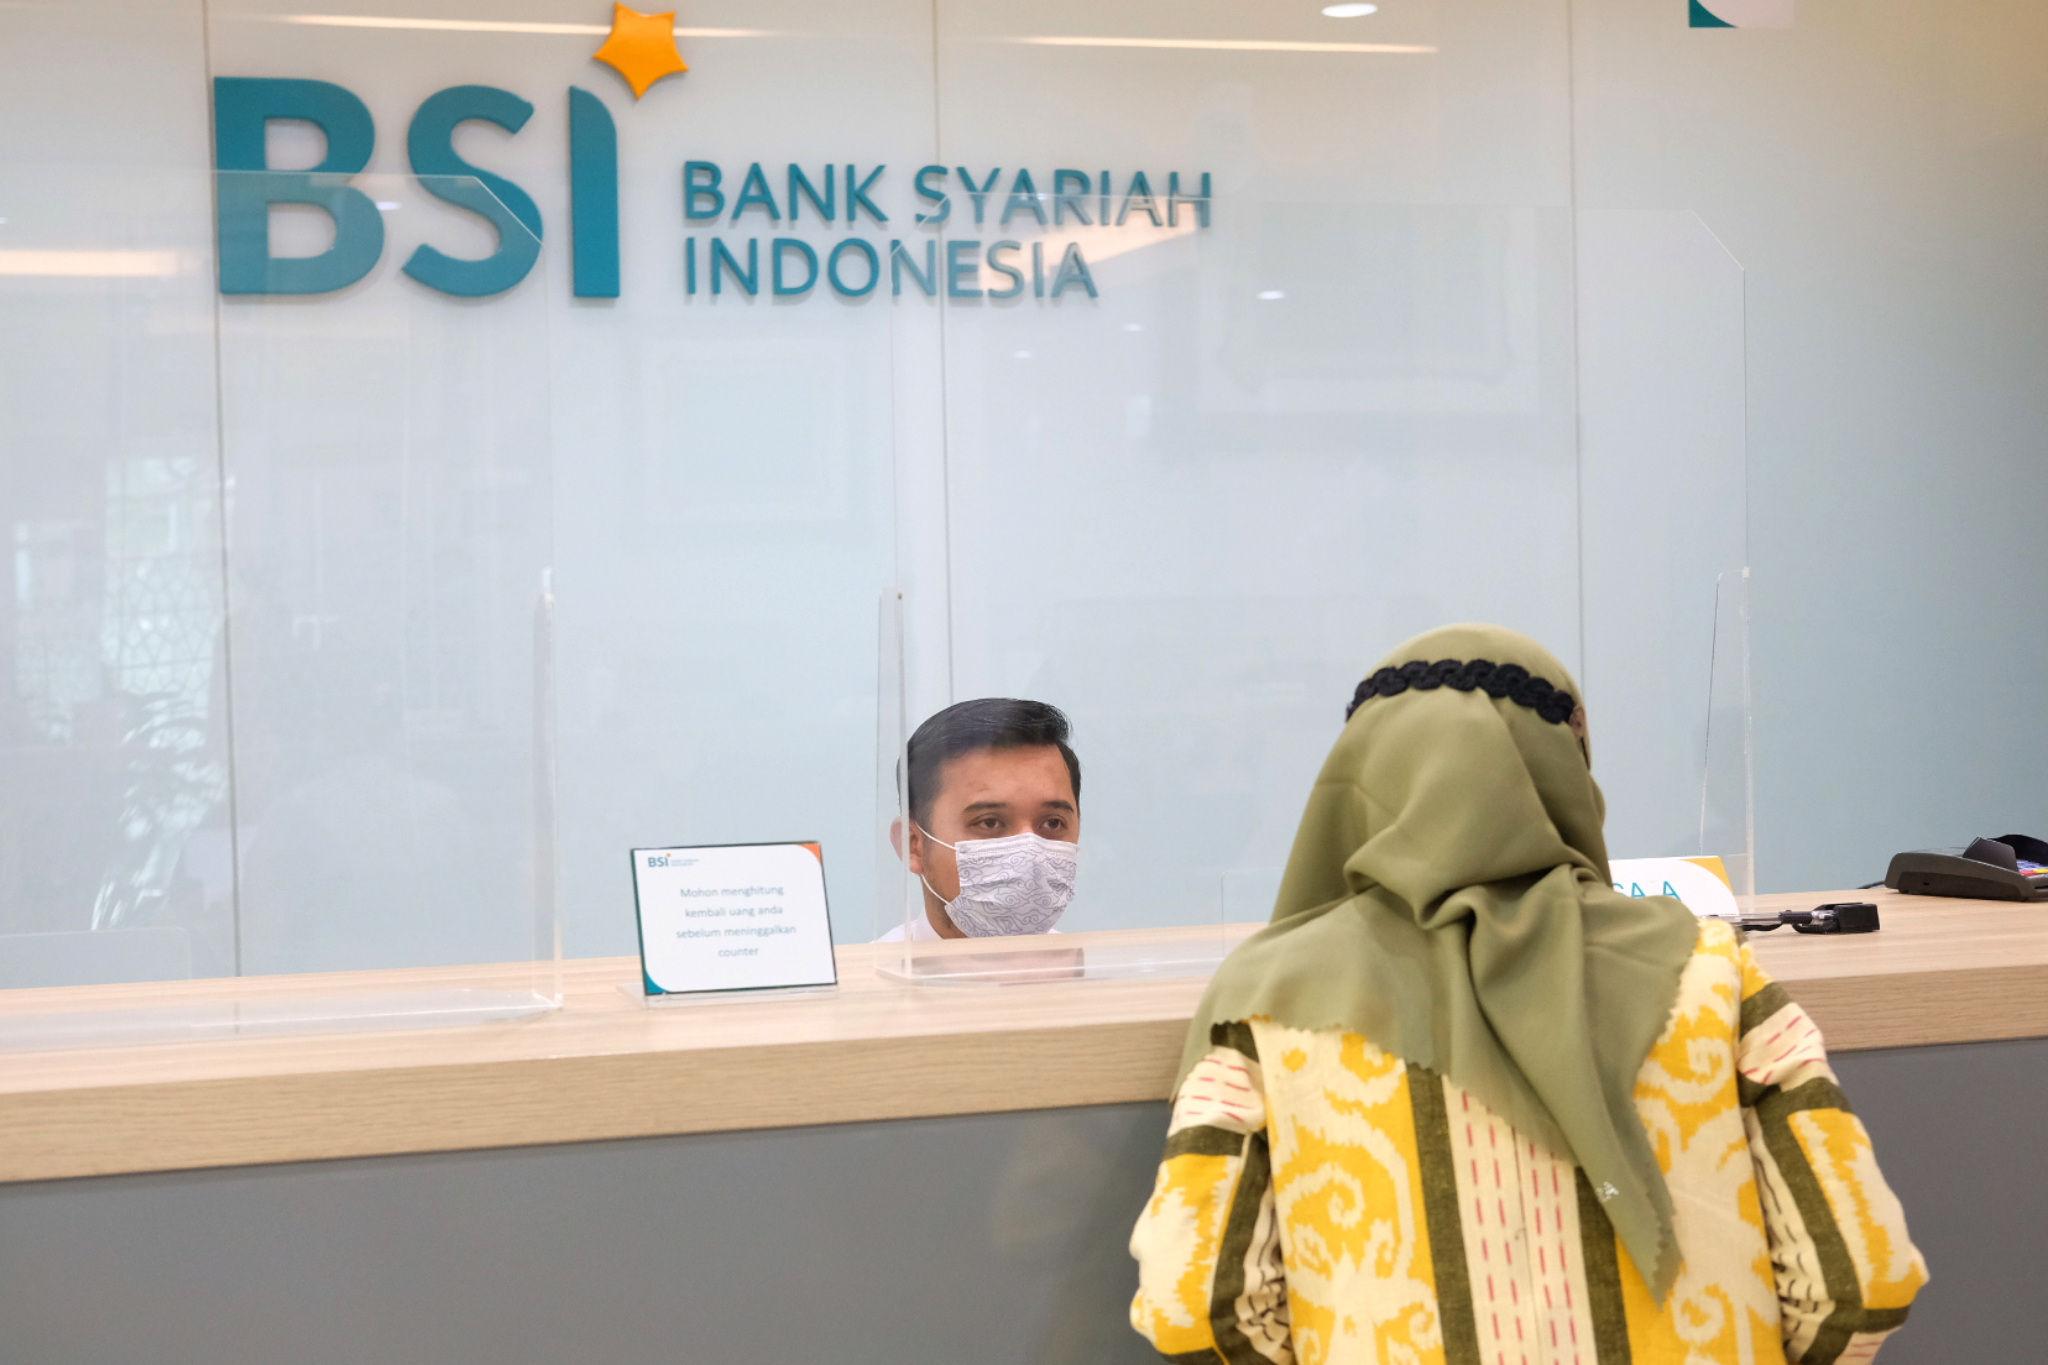 Alhamdulillah, Keuangan Syariah Terbukti Lebih Tahan Banting Saat Pandemi